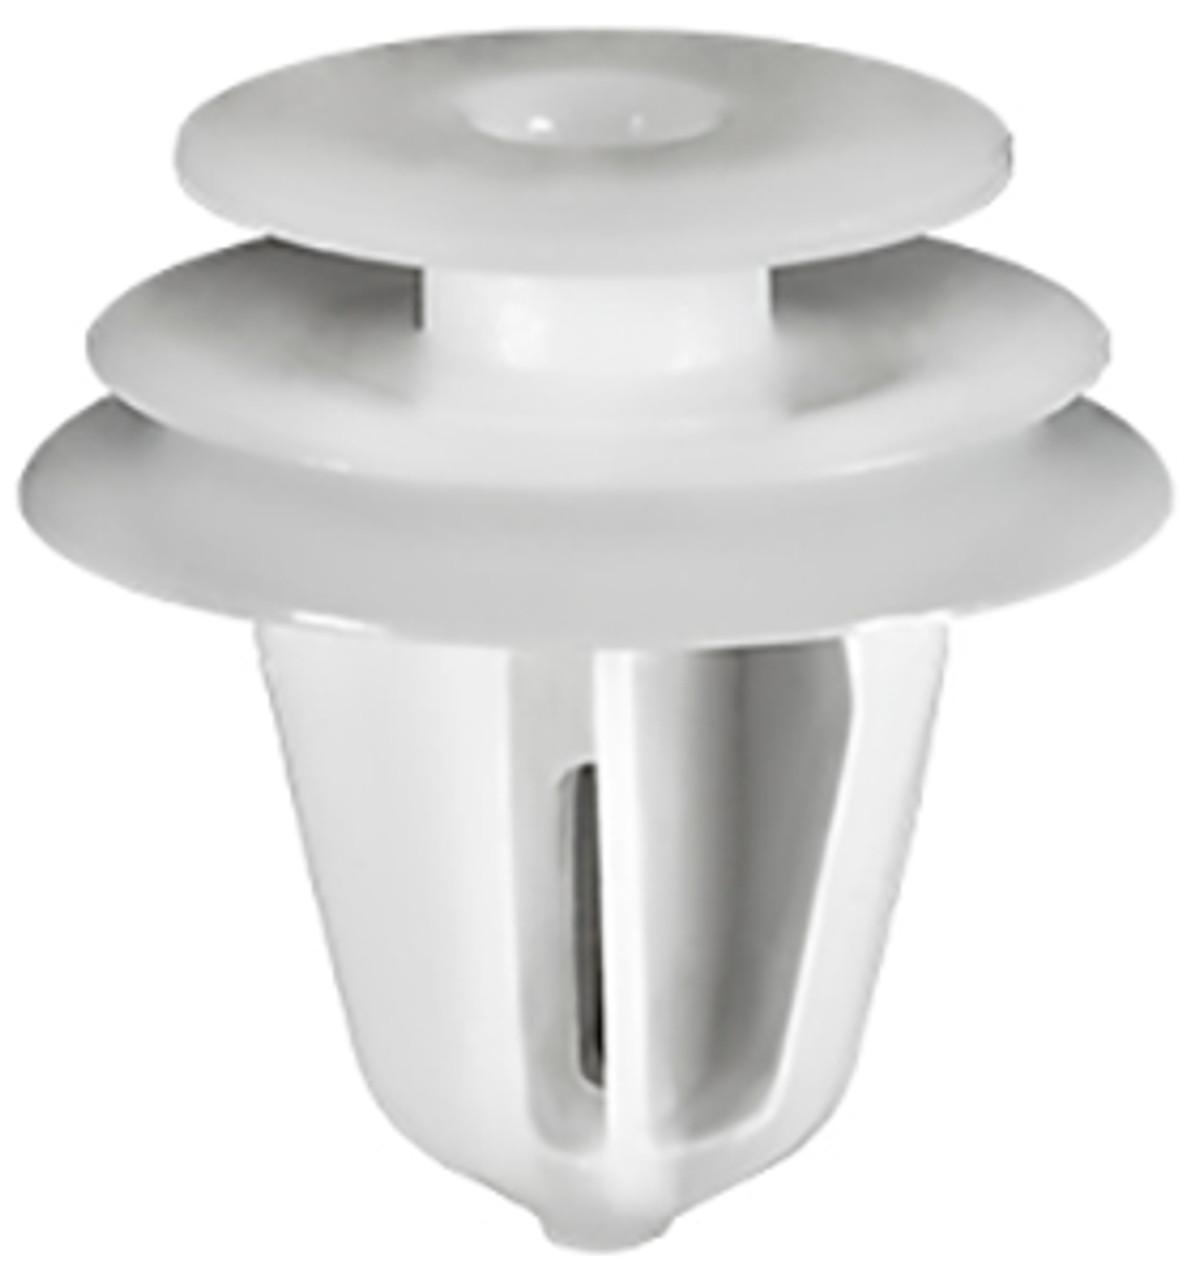 Trim Panel Retainer White Nylon Top Head Diameter: 13mm Middle Head Diameter: 16mm Bottom Head Diameter: 18mm Stem Diameter: 9mm Stem Length: 15mm Hyundai Accent 1999 - 95 OEM# 82315-2P000 50 Per Box